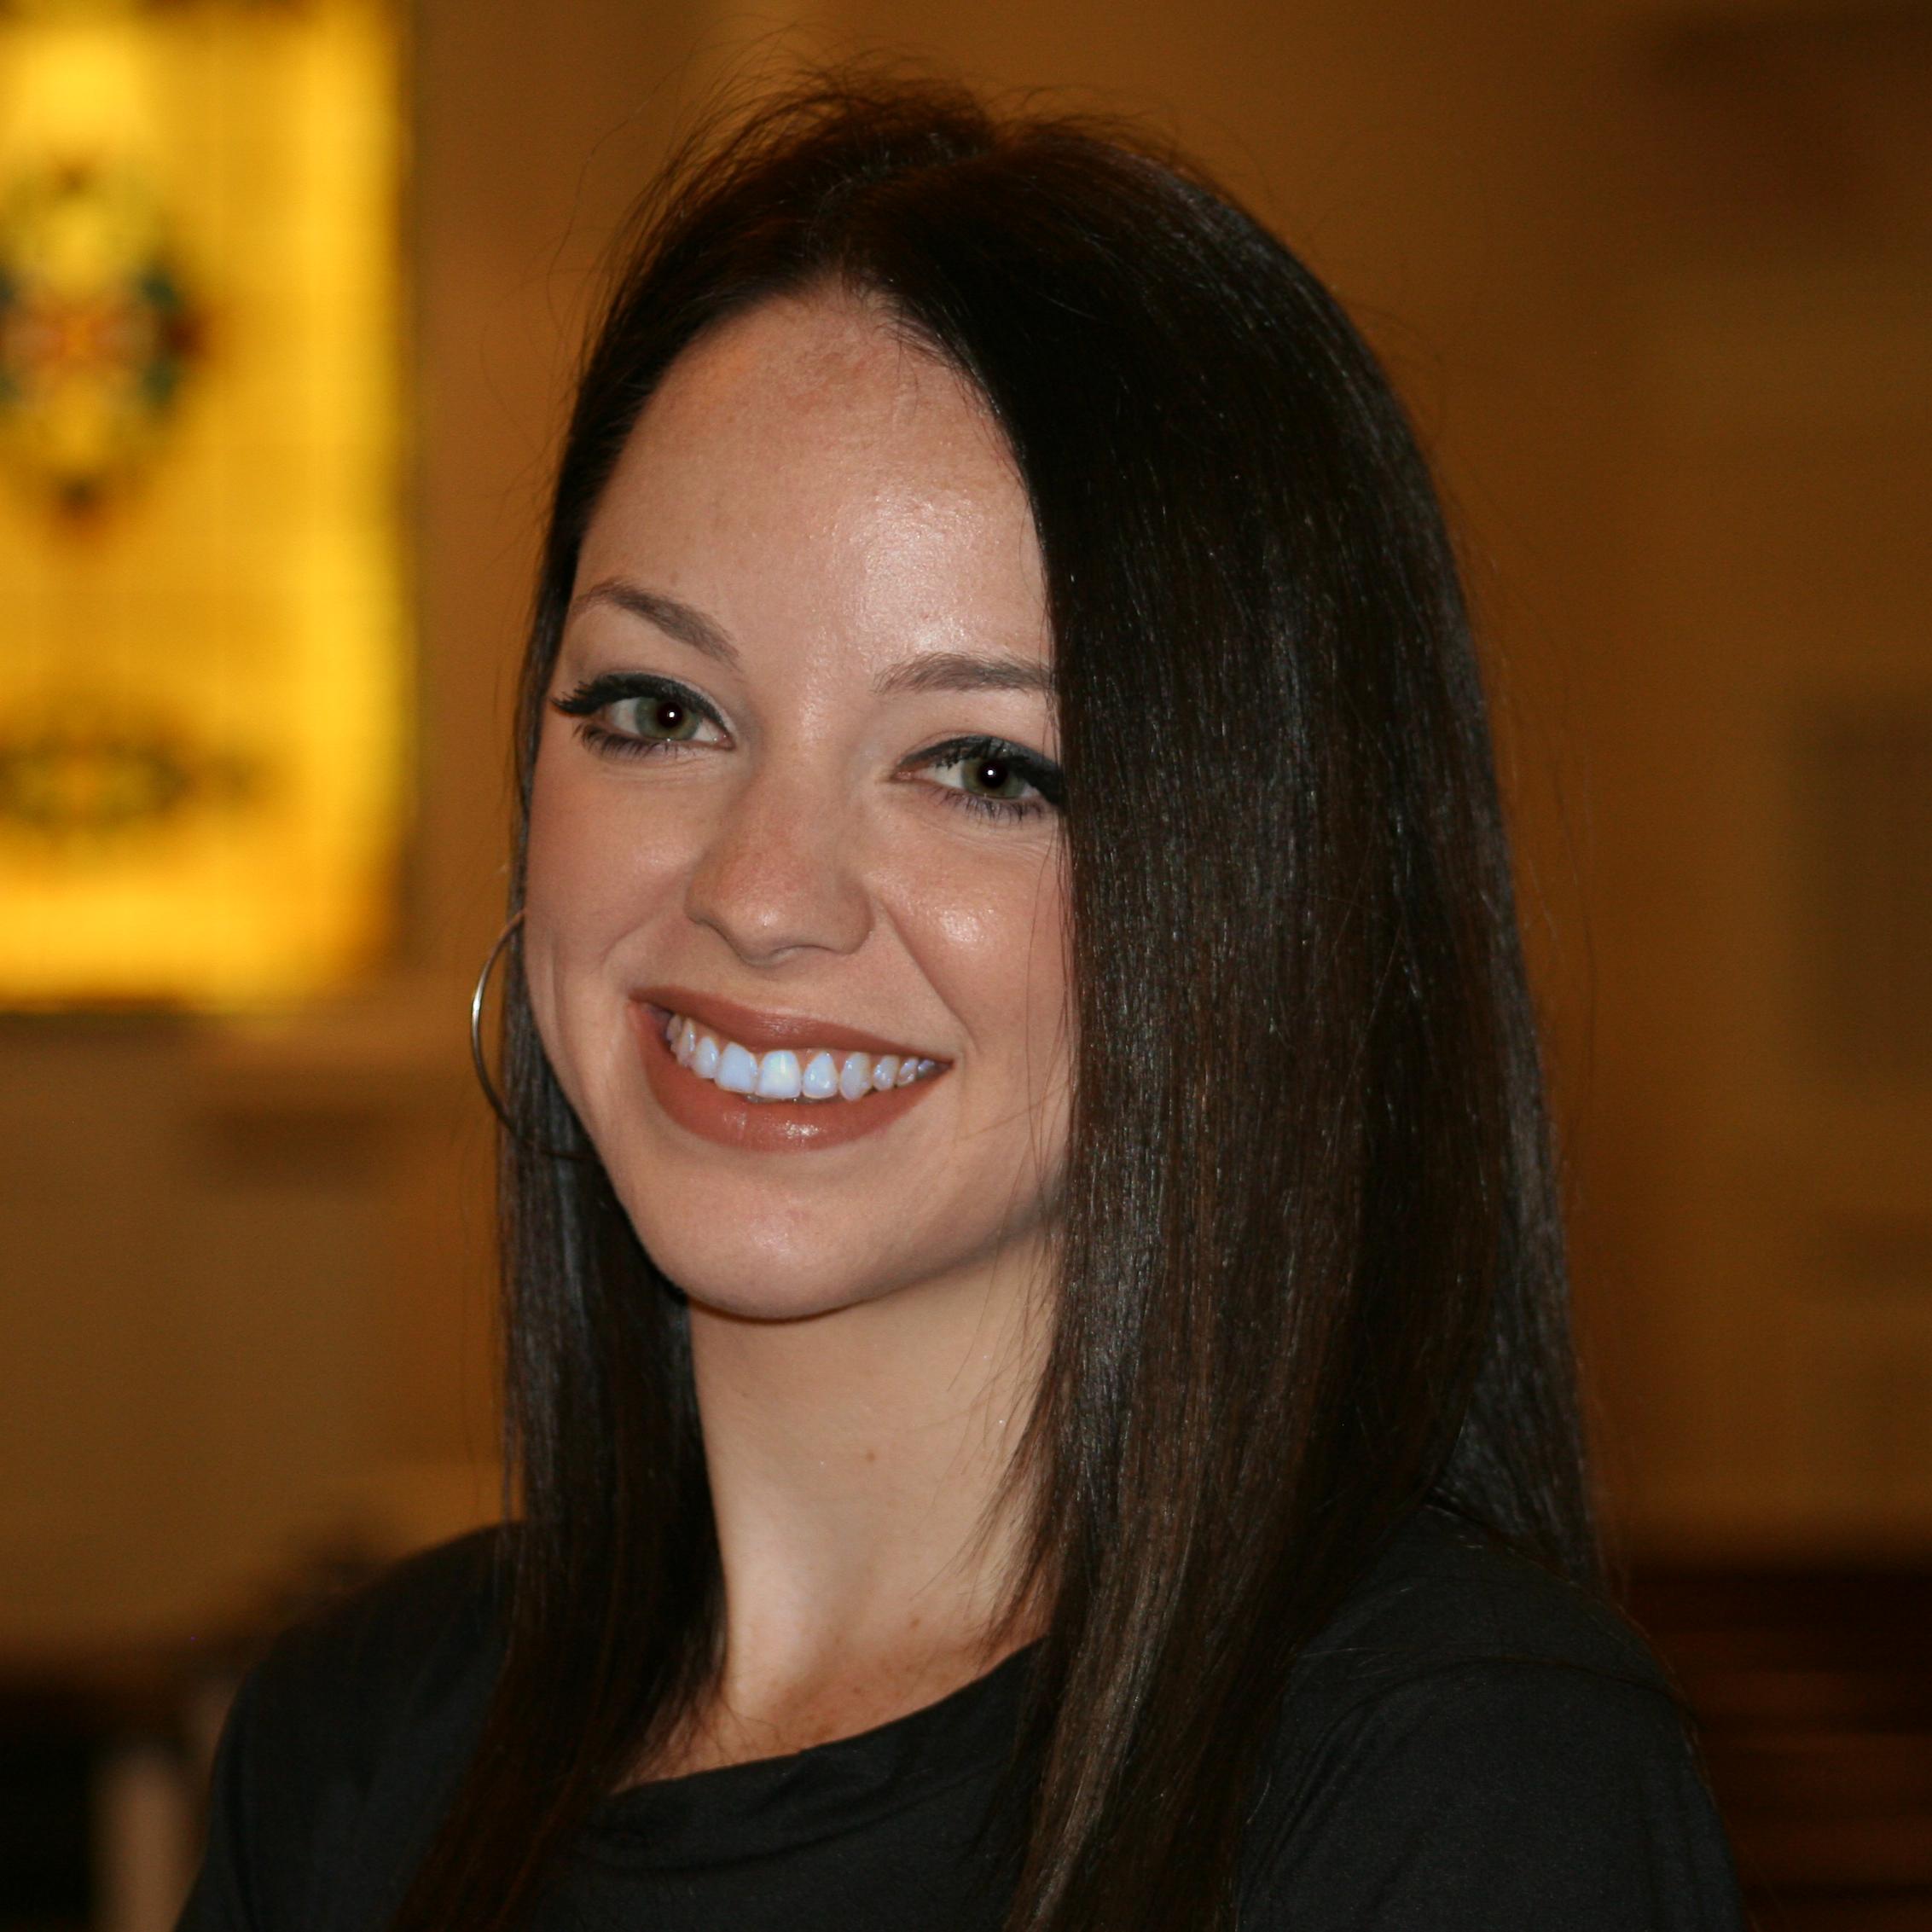 Taylor Dixon : Administrative Assistant